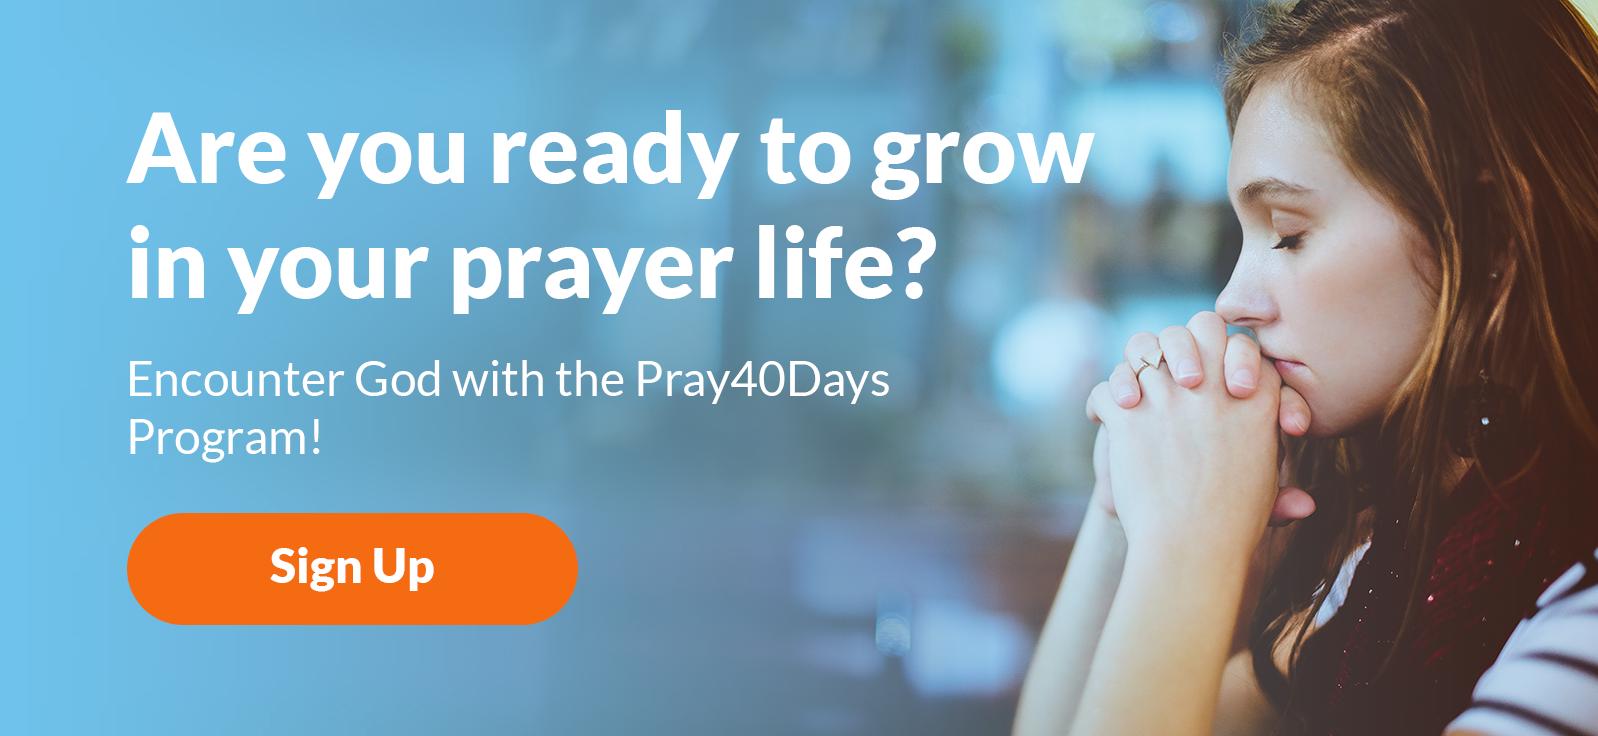 tpfp-pray40days-cta-1